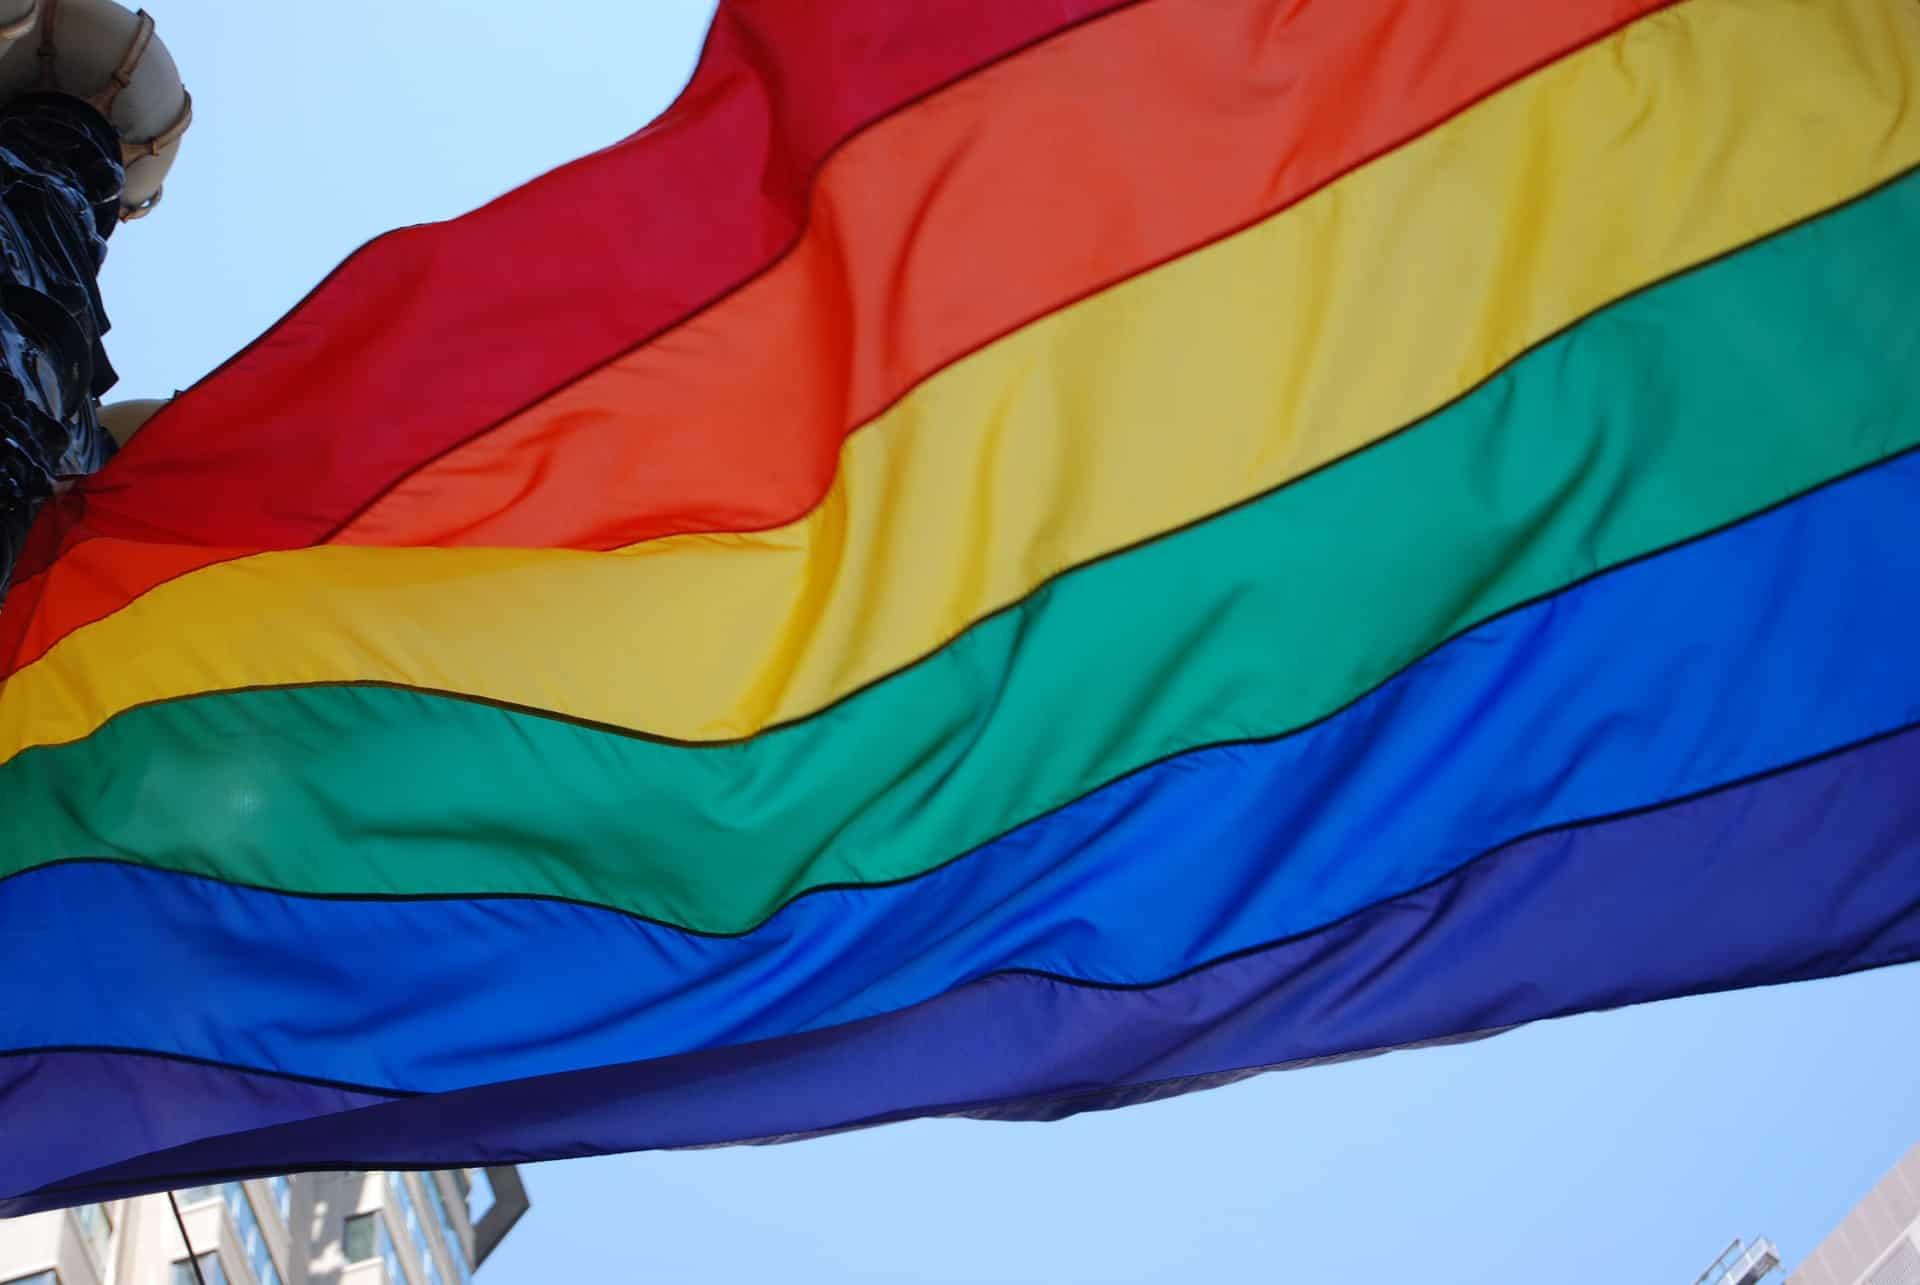 דגל הגאווה יונף במעמד ראש העירייה